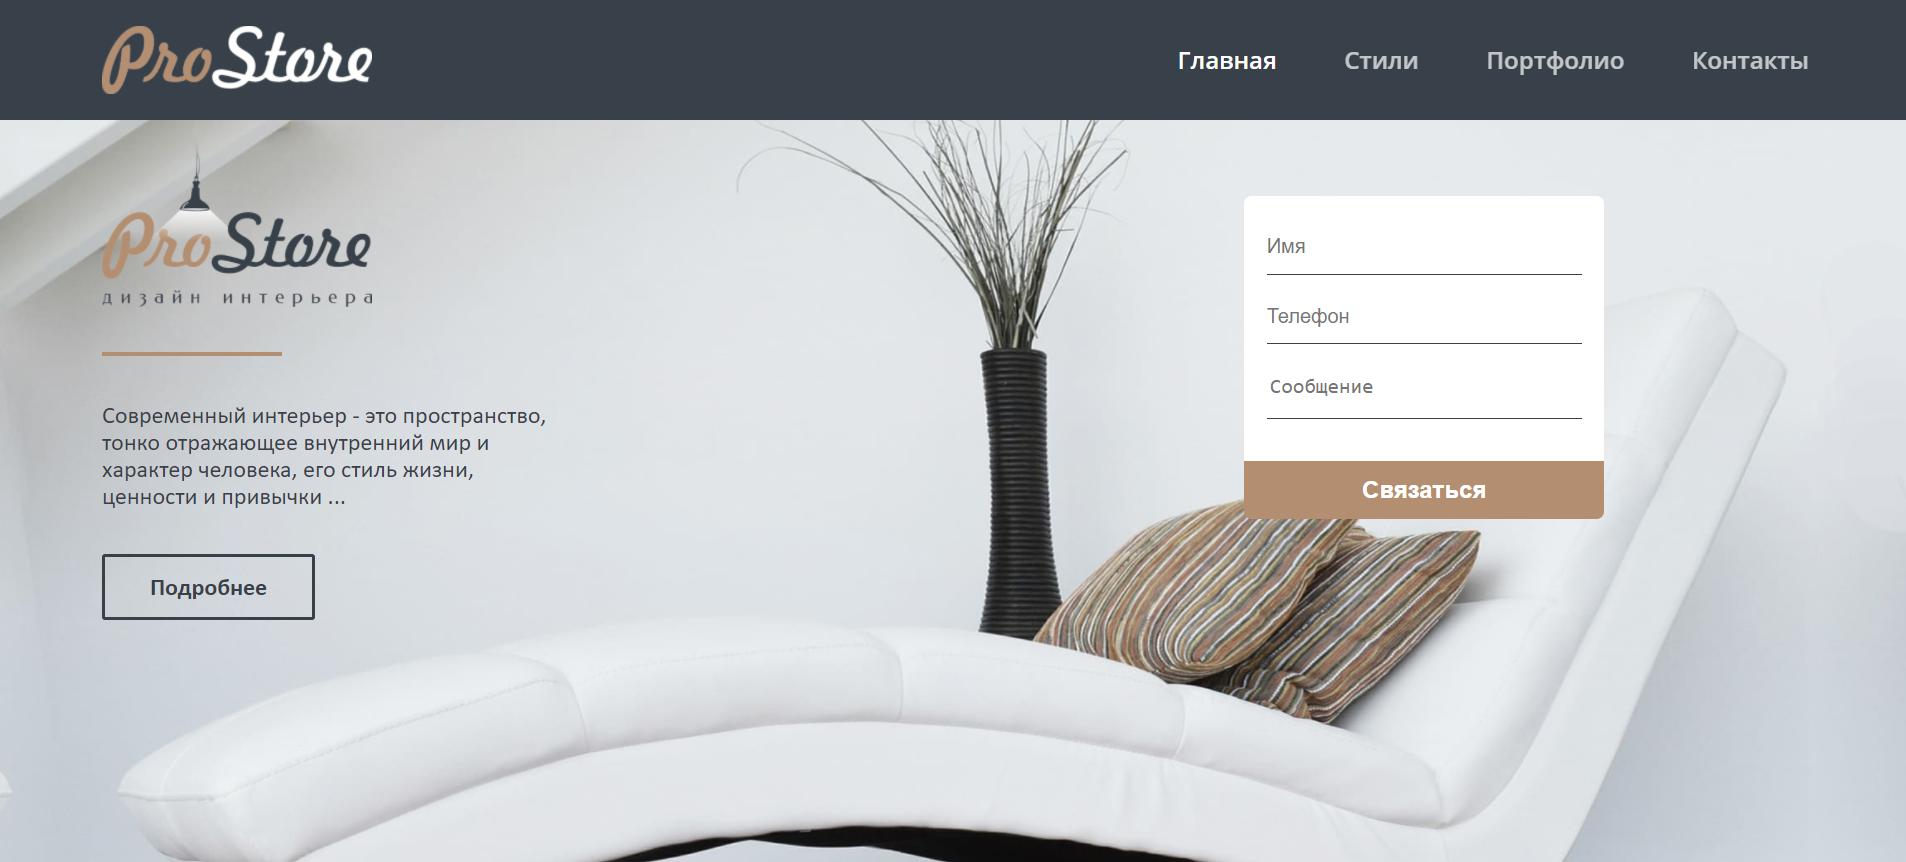 Сайт участника конкурса iTalent.